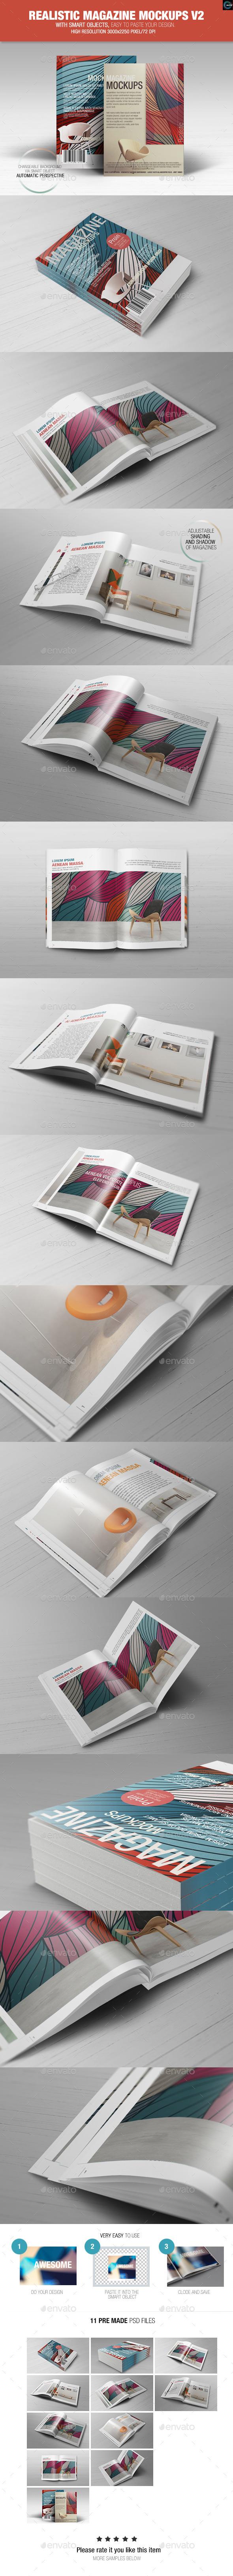 Realistic Magazine Mockups V2 - Magazines Print